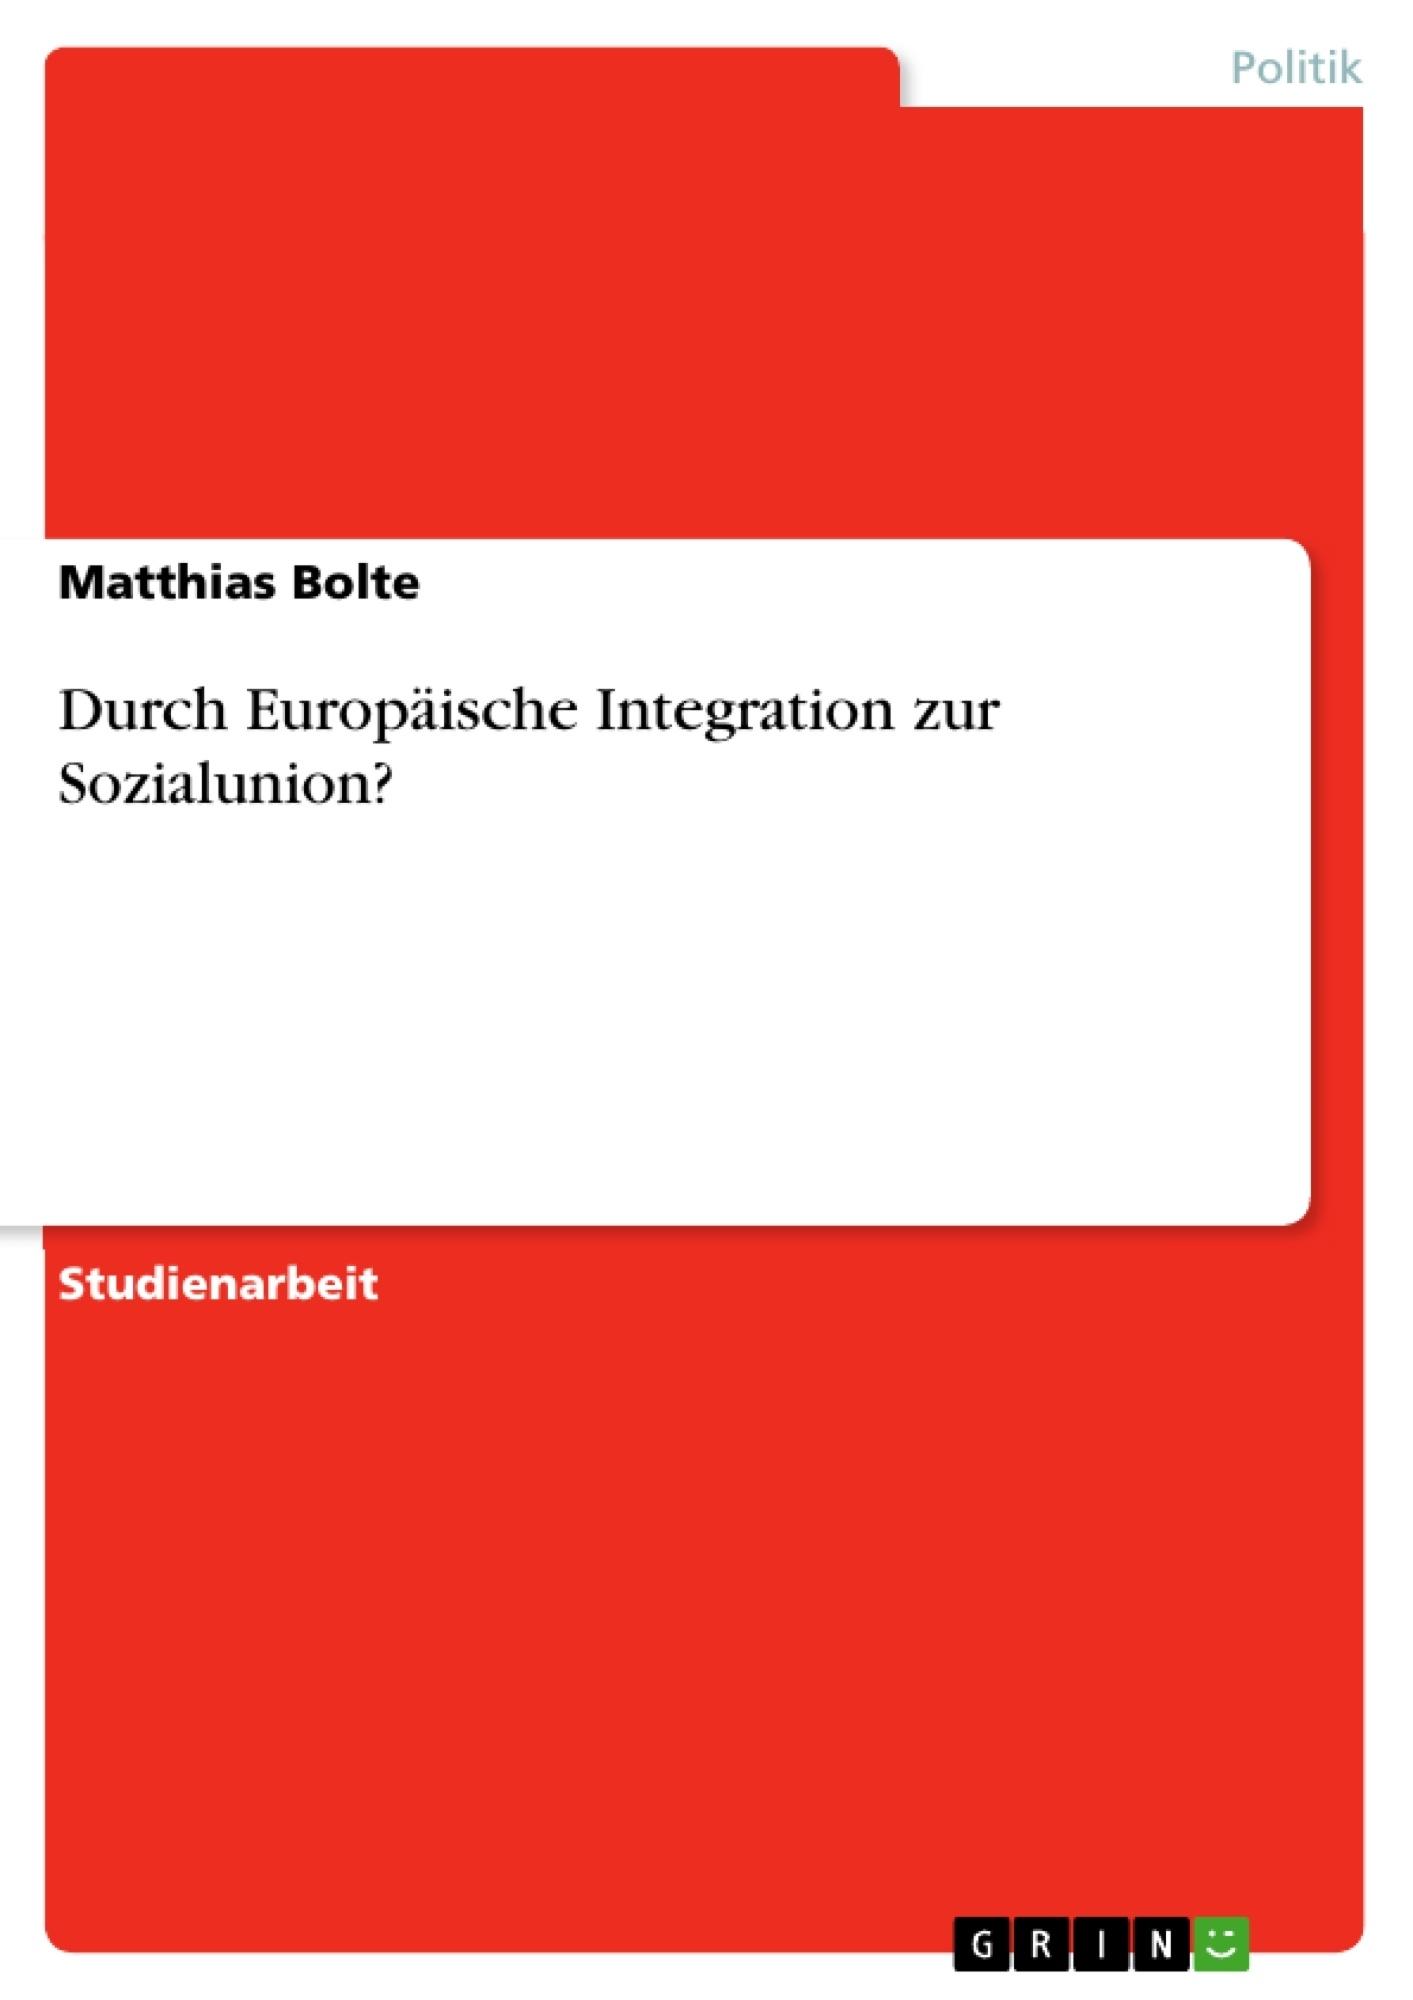 Titel: Durch Europäische Integration zur Sozialunion?